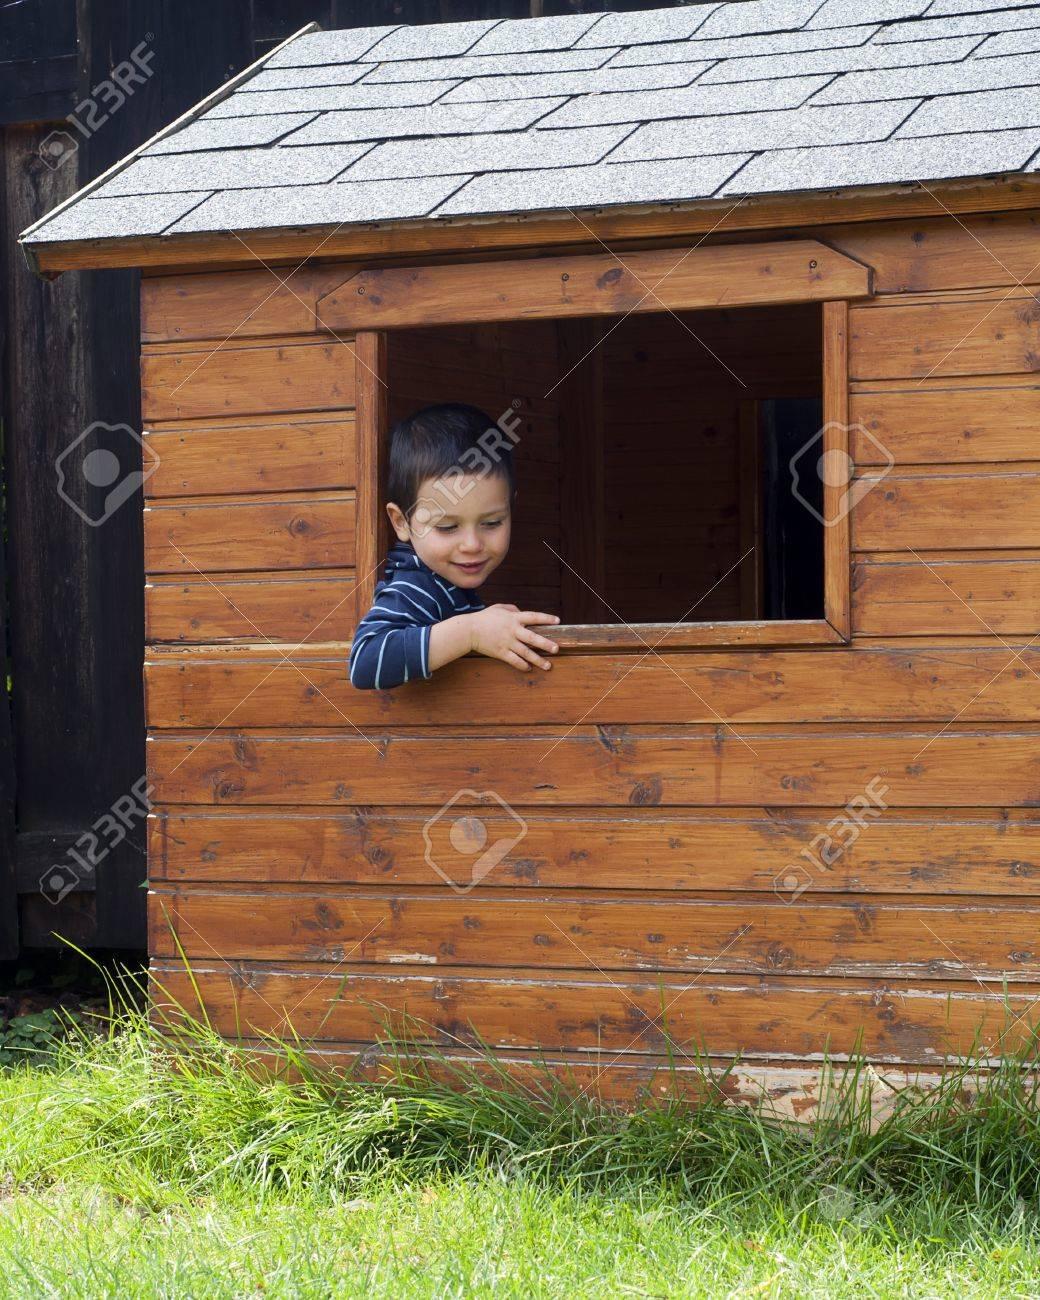 Full Size of Gartenhaus Kind Smoby Bauen Plastik Gebraucht Holz Ebay Kleinanzeigen Obi Selber Kunststoff Junge In Einem Fenster Von Hlzernen Spielküche Wohnzimmer Gartenhaus Kind